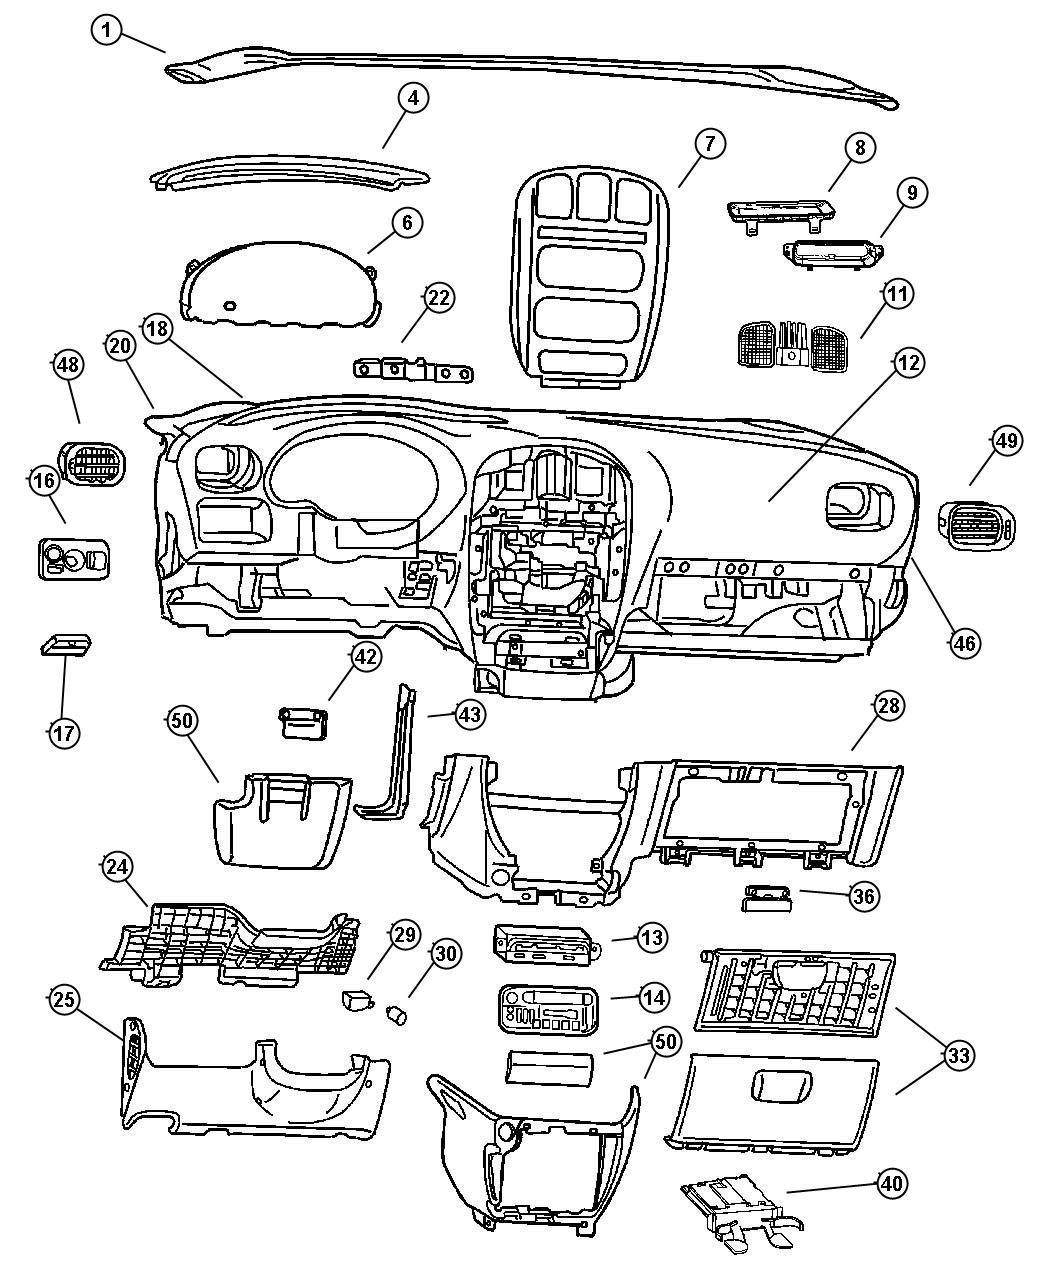 2003 Dodge Grand Caravan Bezel. Instrument panel. Over